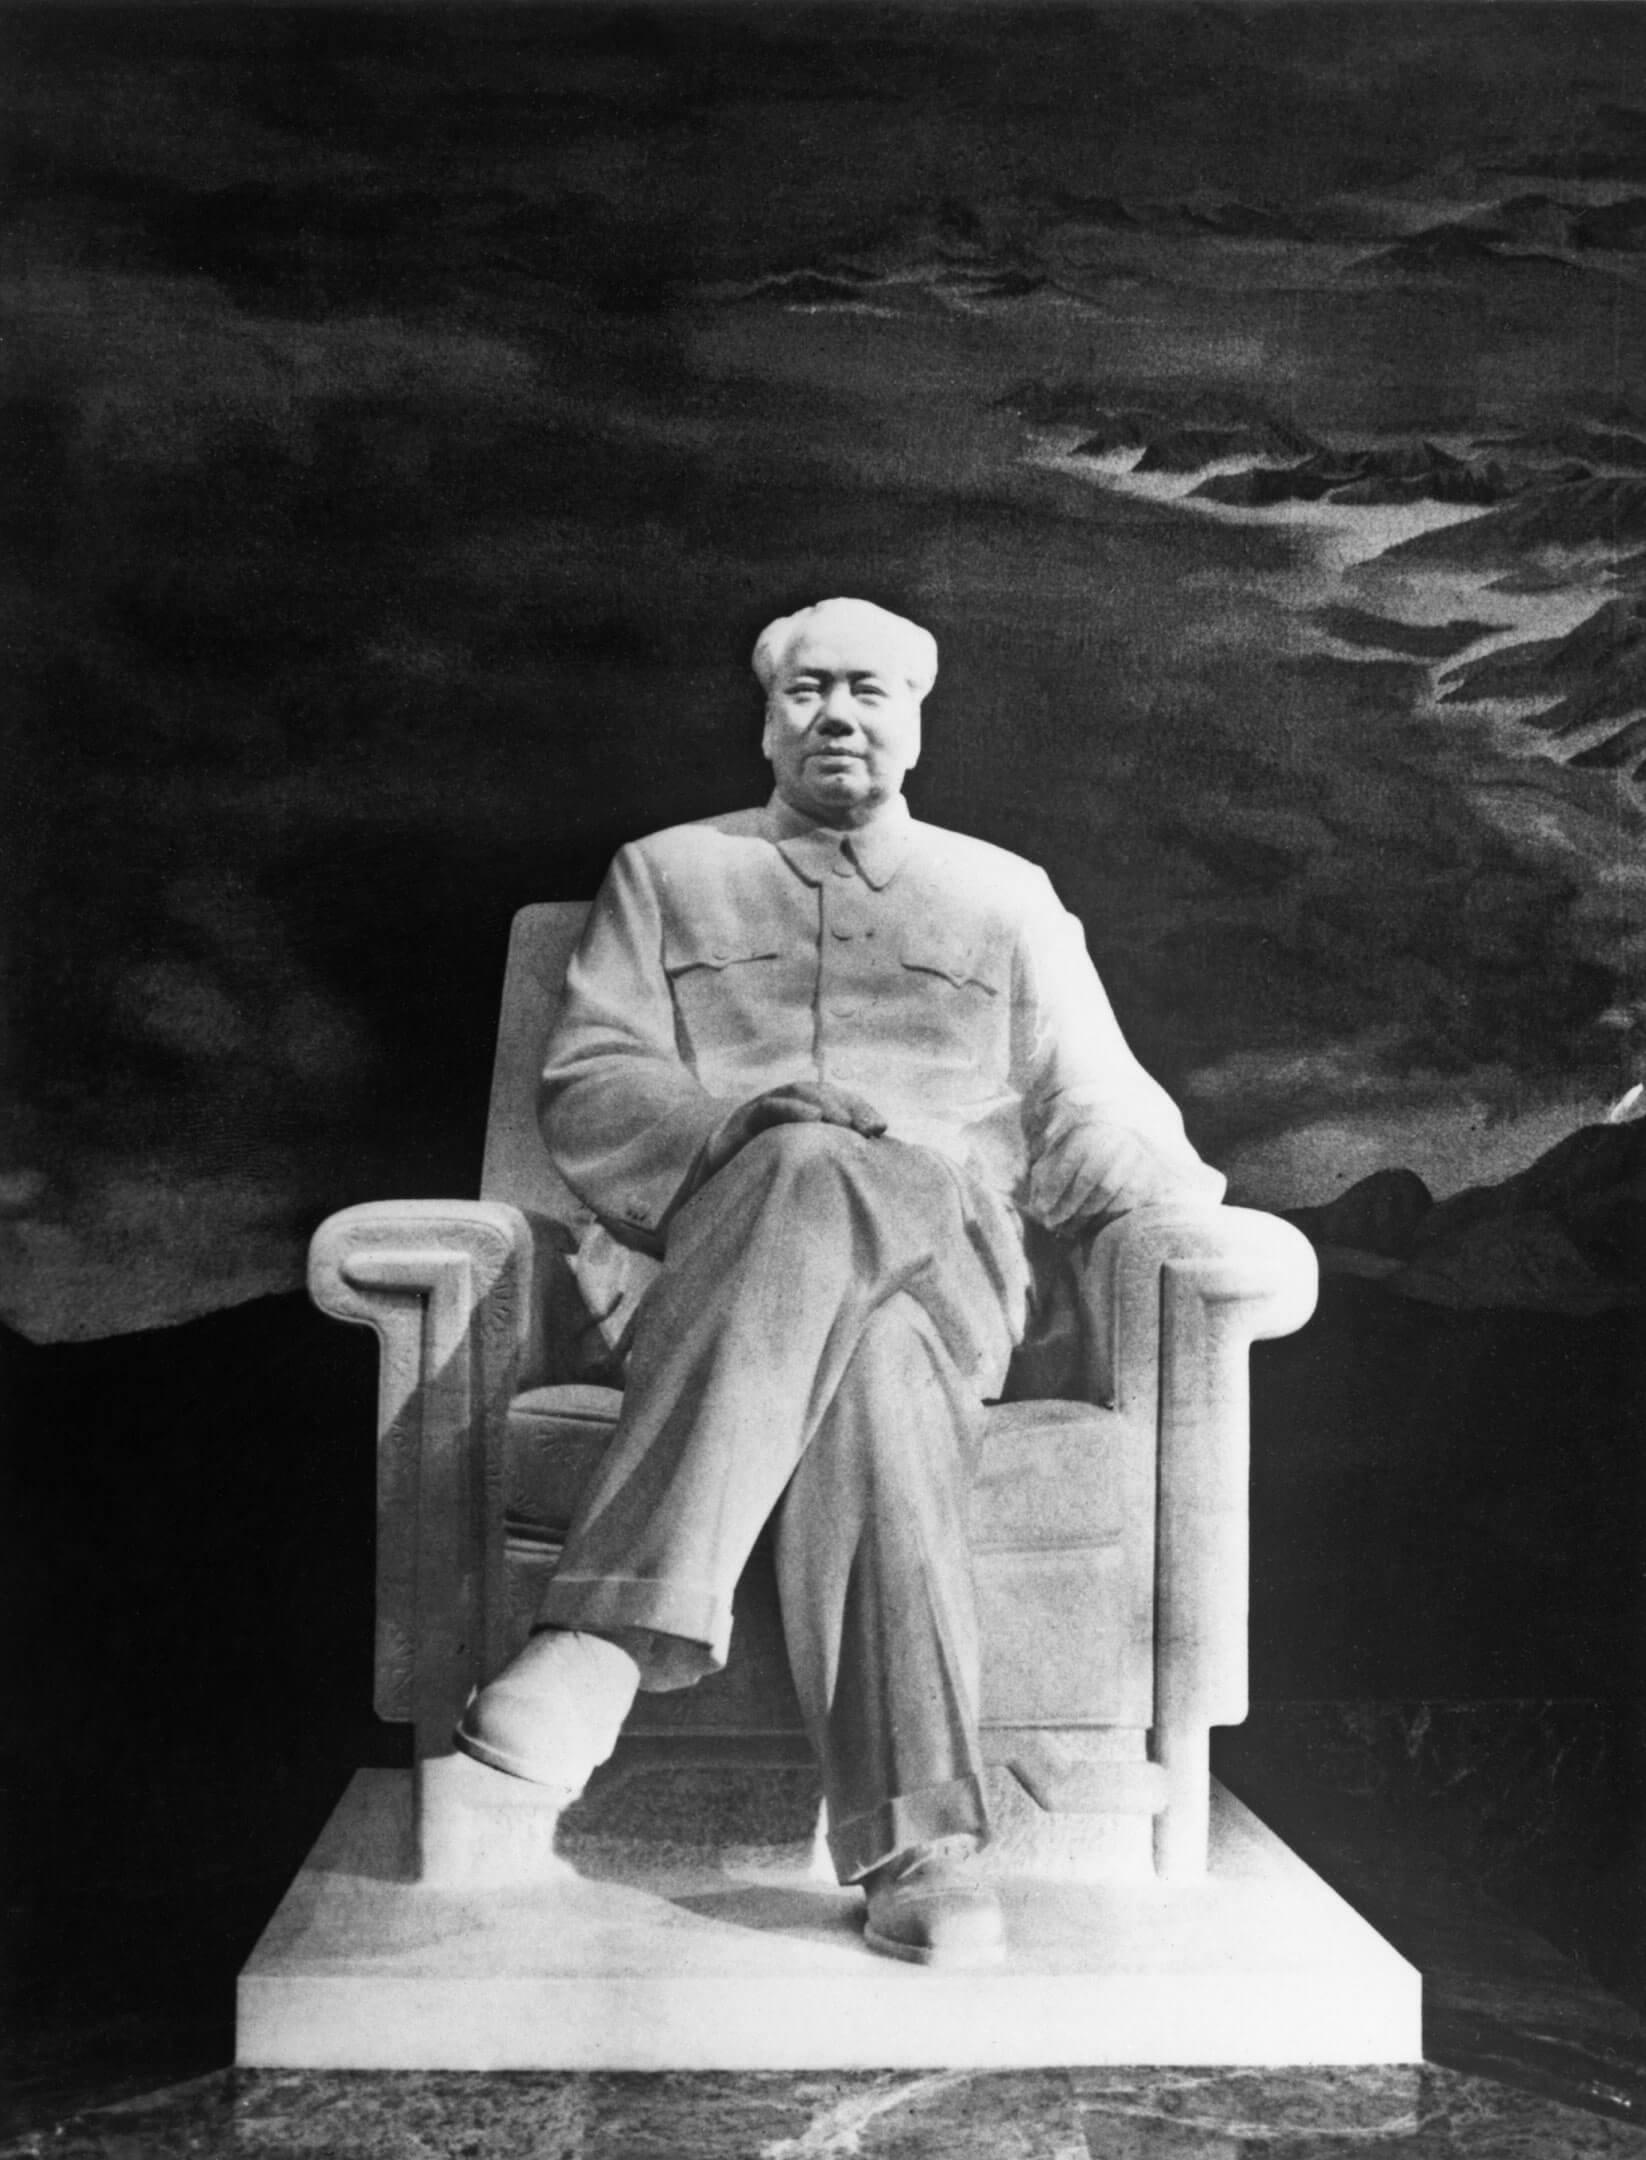 1977年9月12日,中國首都北京,天安門毛澤東紀念堂豎立的毛澤東像。 圖:Keystone/Hulton Archive/Getty Images